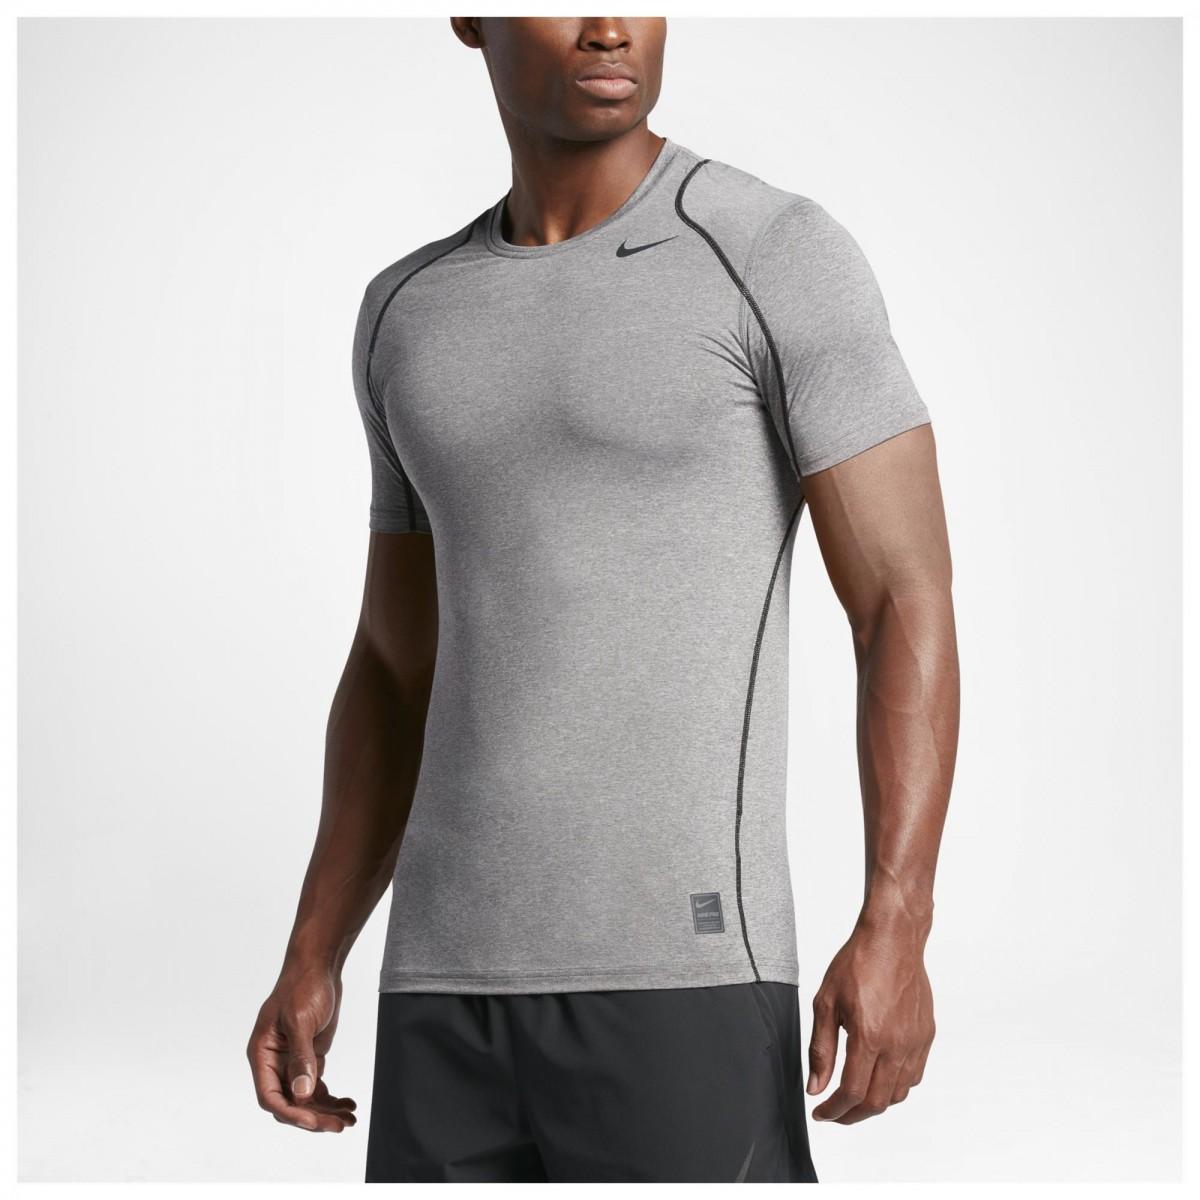 9582b53fcecee Bizz Store - Camiseta de Compressão Masculina Nike Pro Cool Top